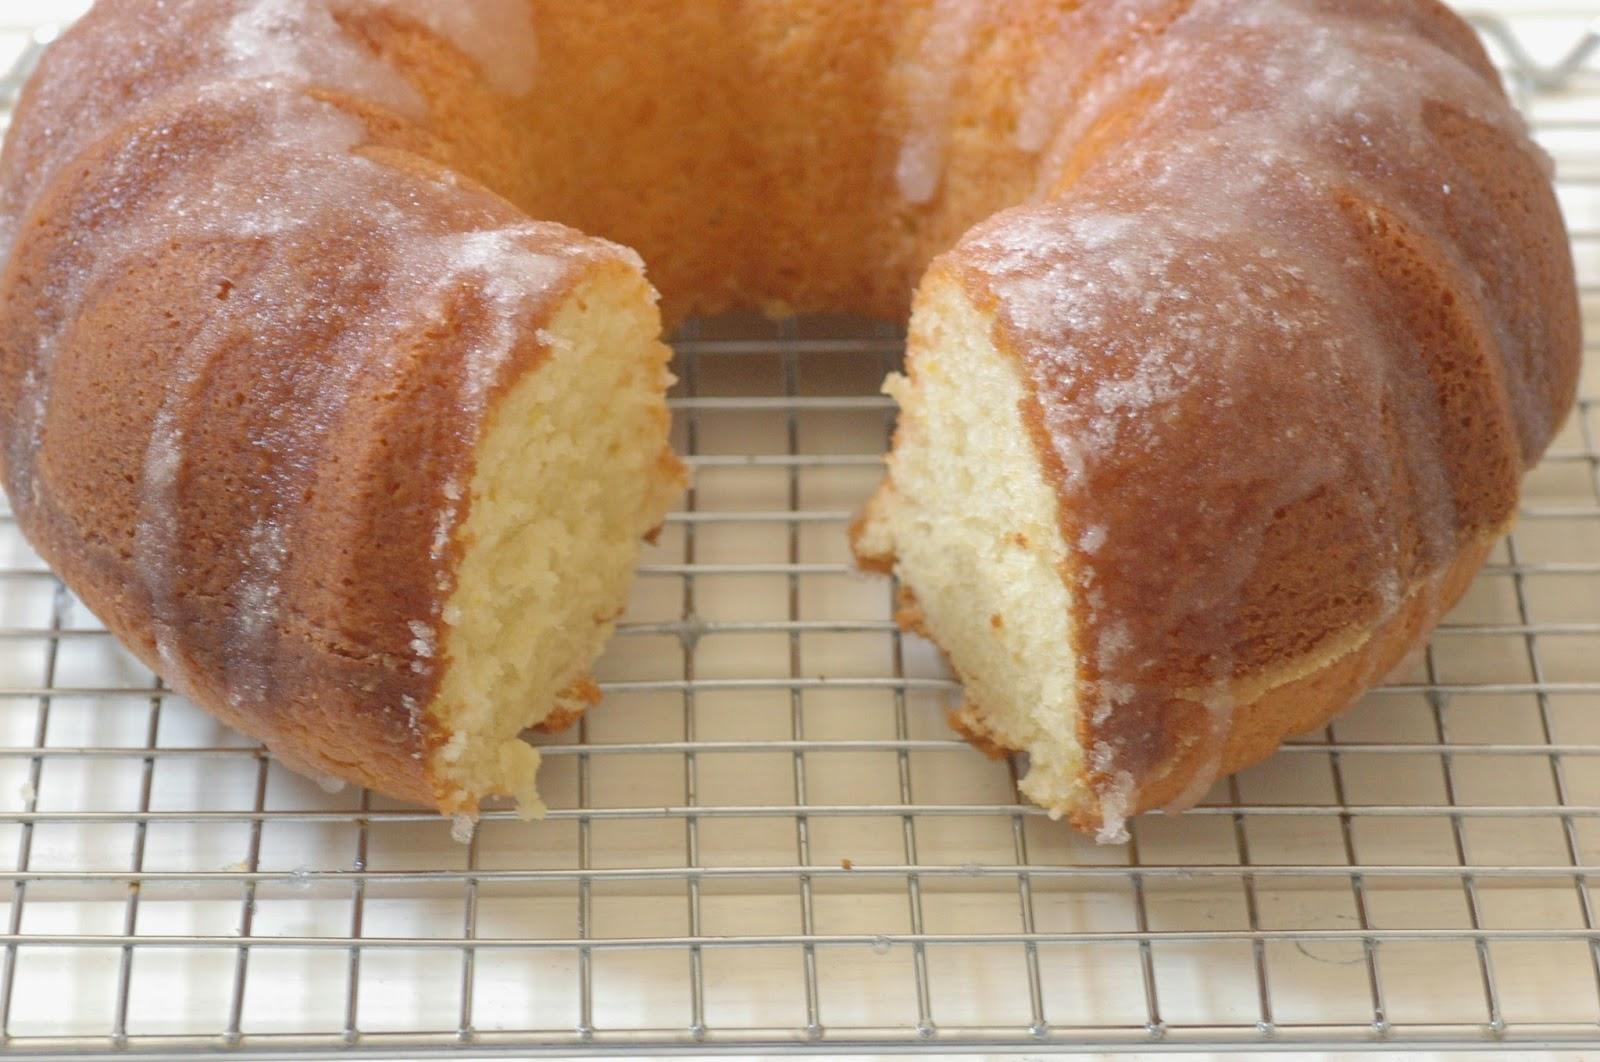 עוגת לימון ויוגורט בזיגוג מתפצפץ בפה